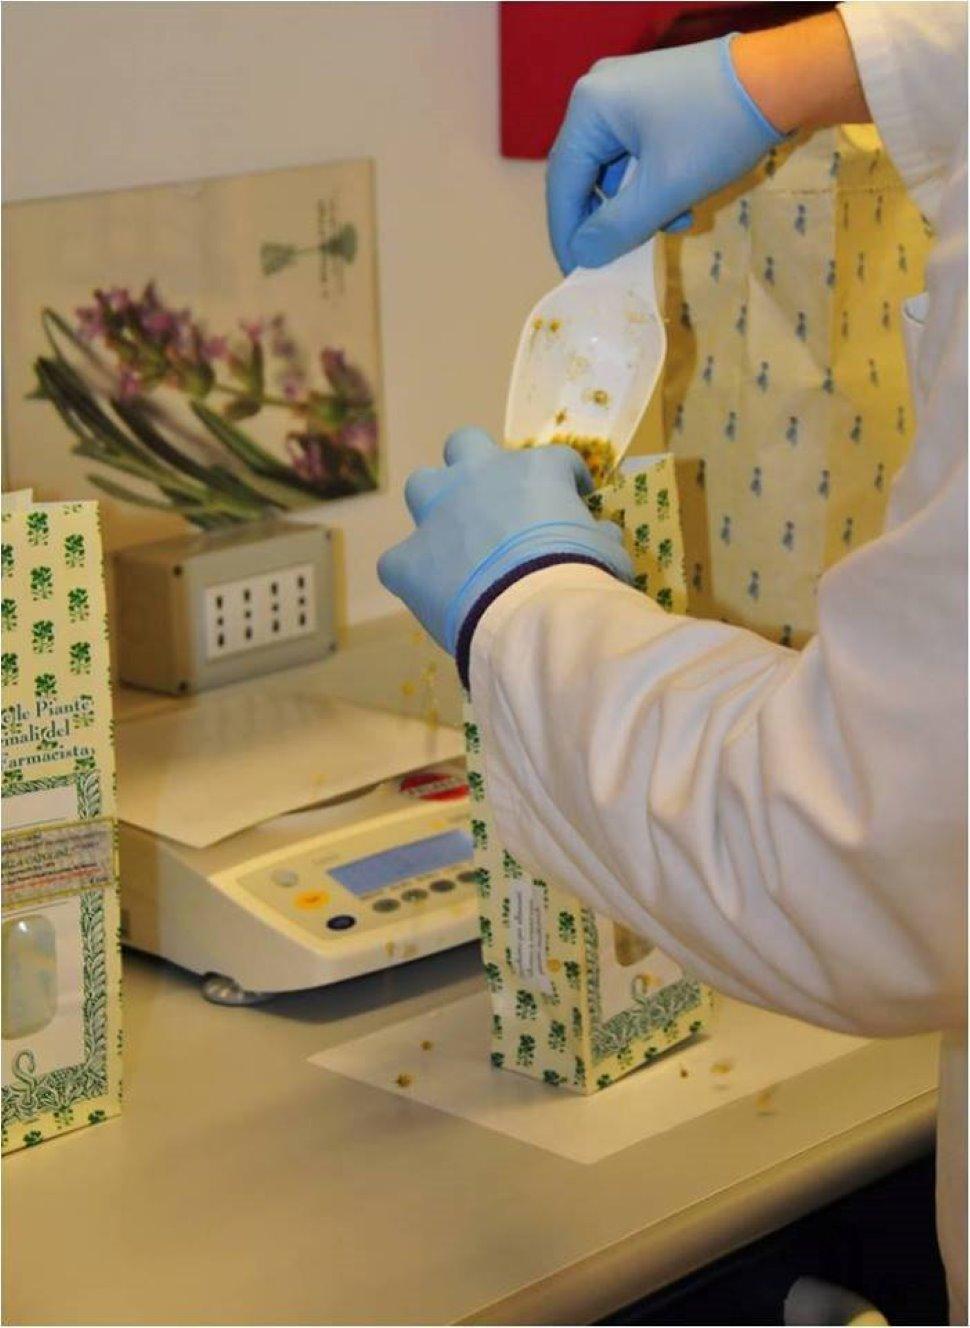 Laboratorio preparazioni galeniche e magistrali